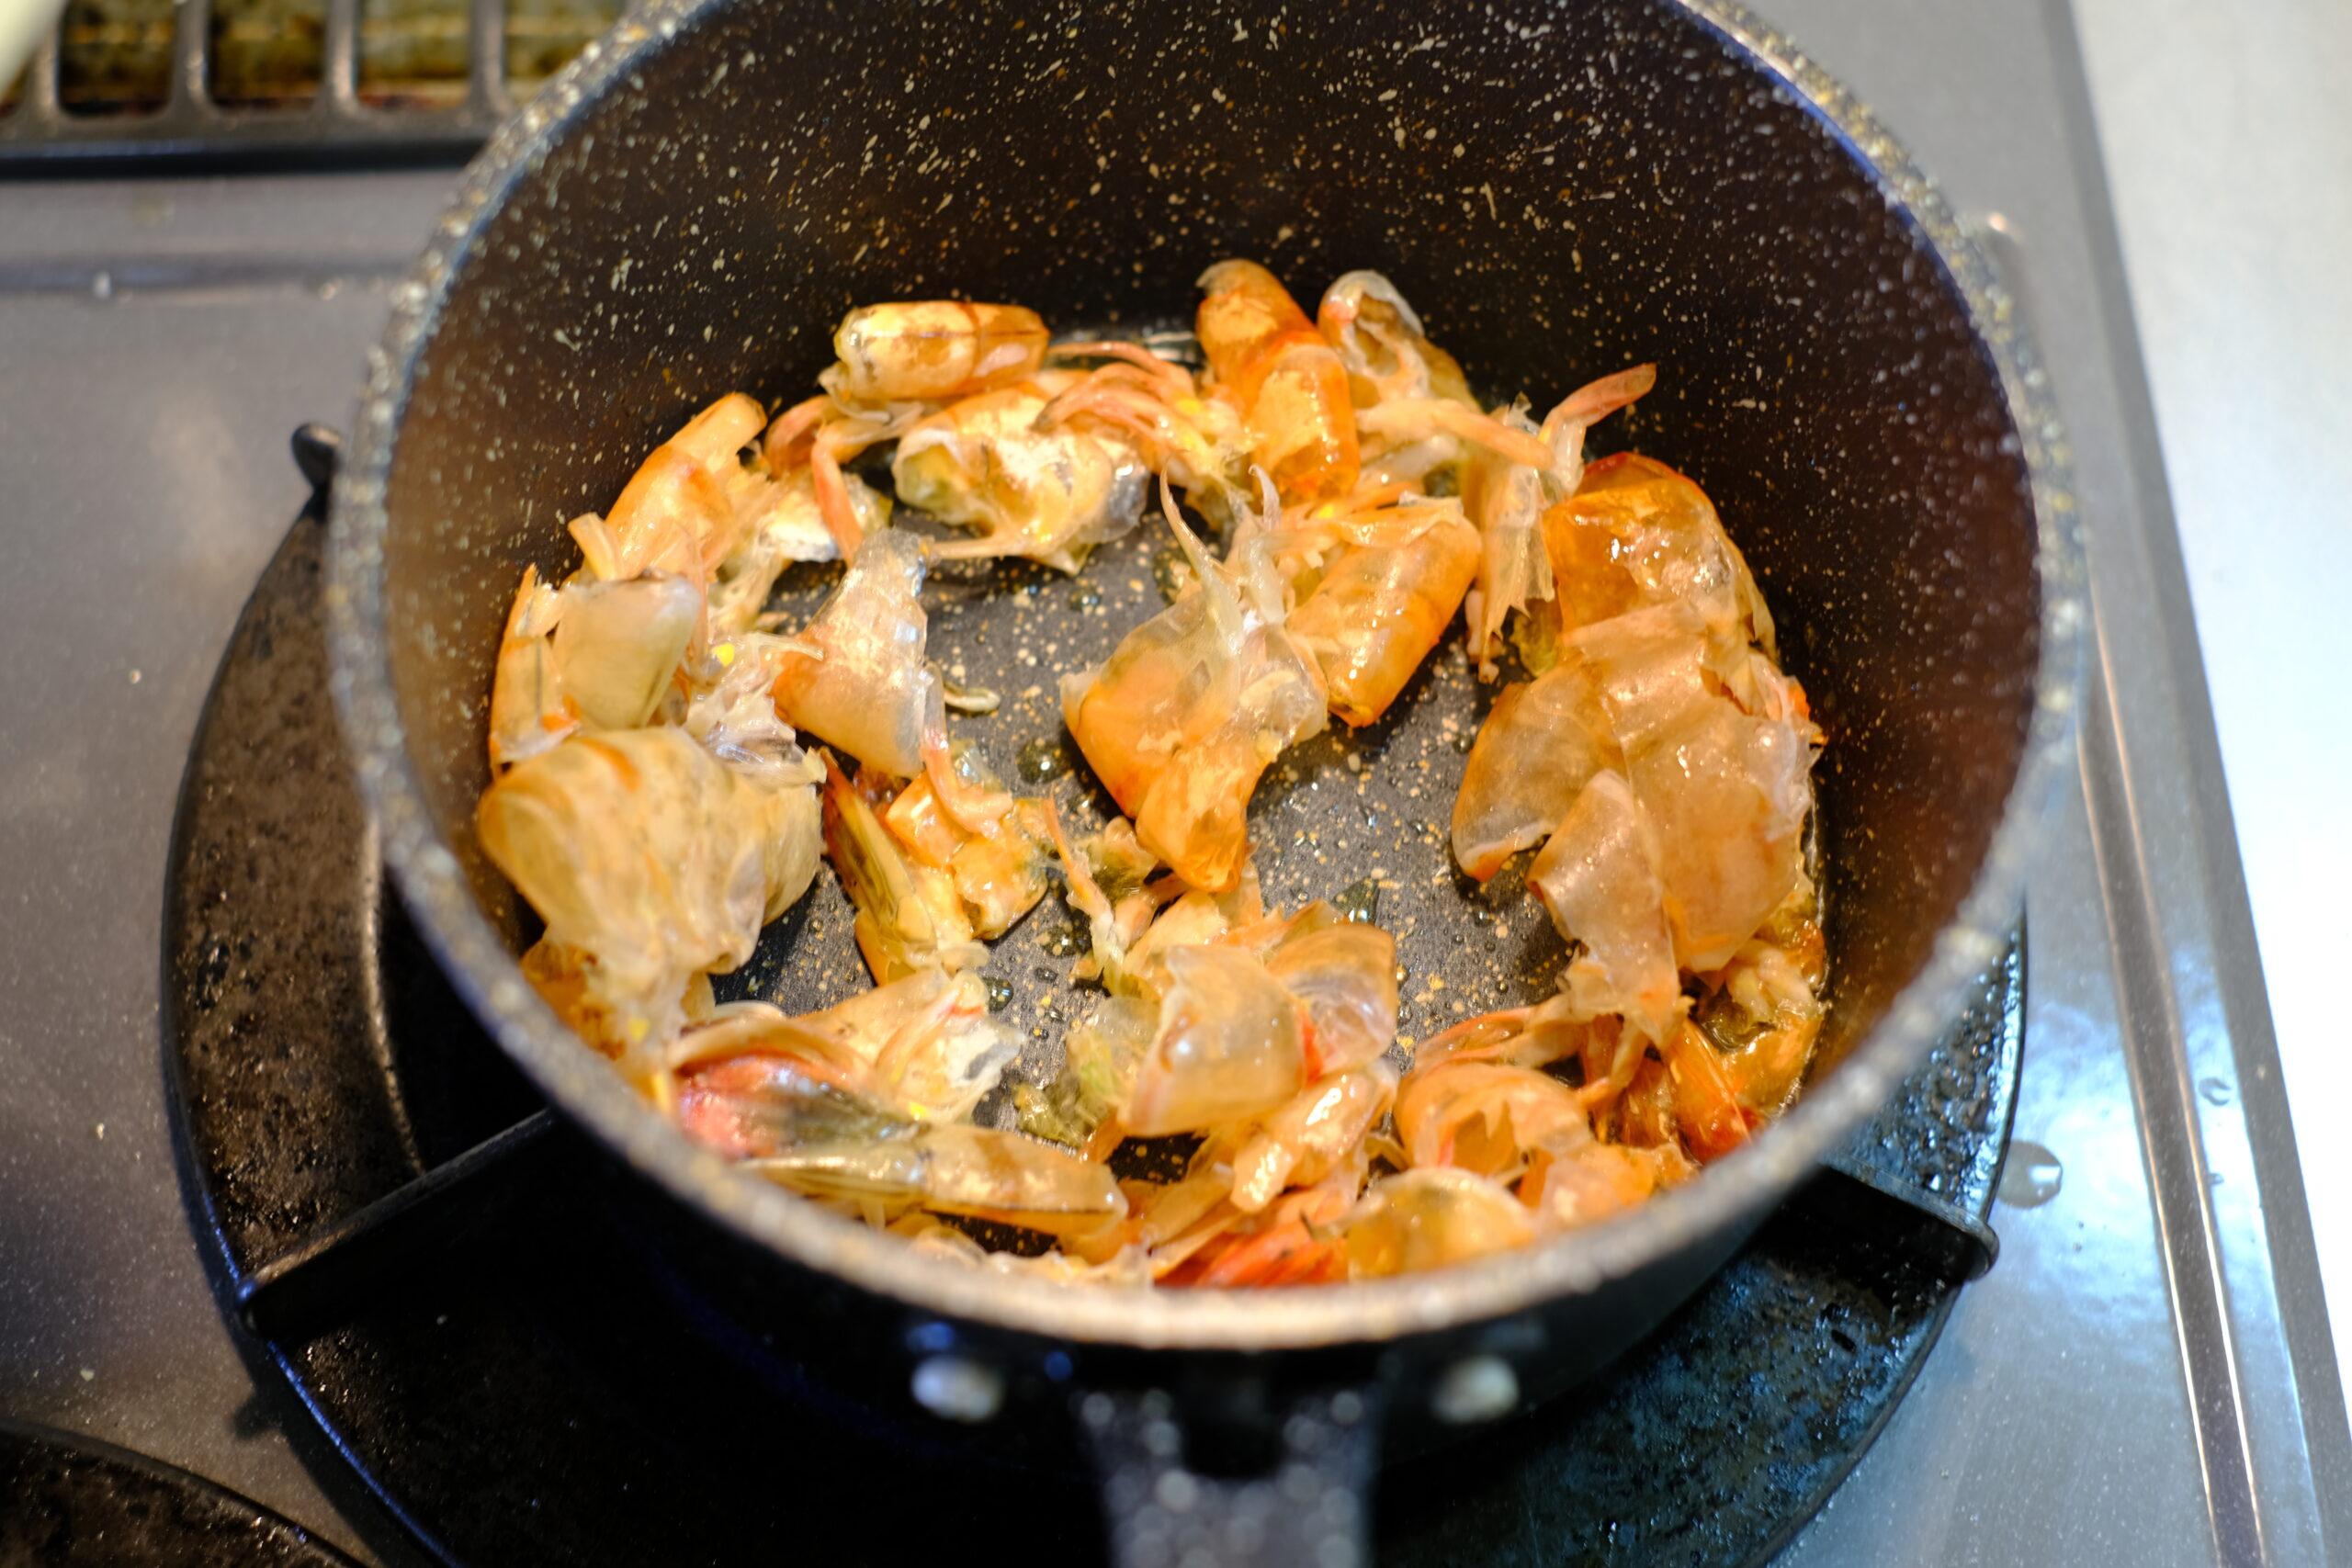 オリーブオイルで海老の殻をしっかりと炒めている様子の画像です